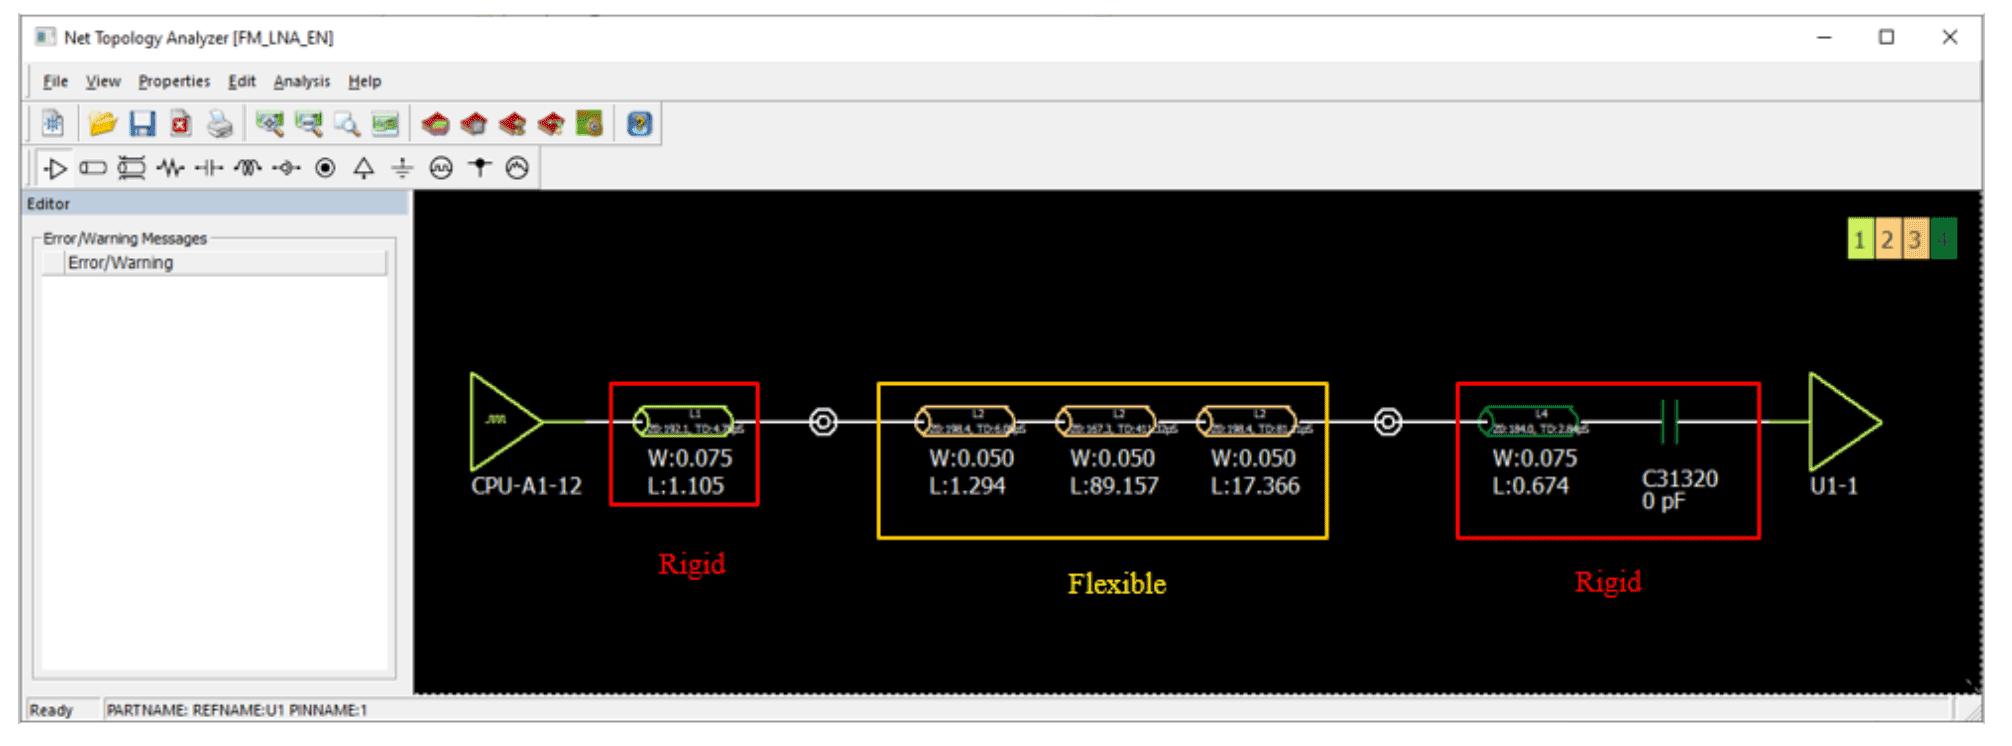 Altair PollEx Анализ гибкой / жесткой части структуры слоев печатной платы